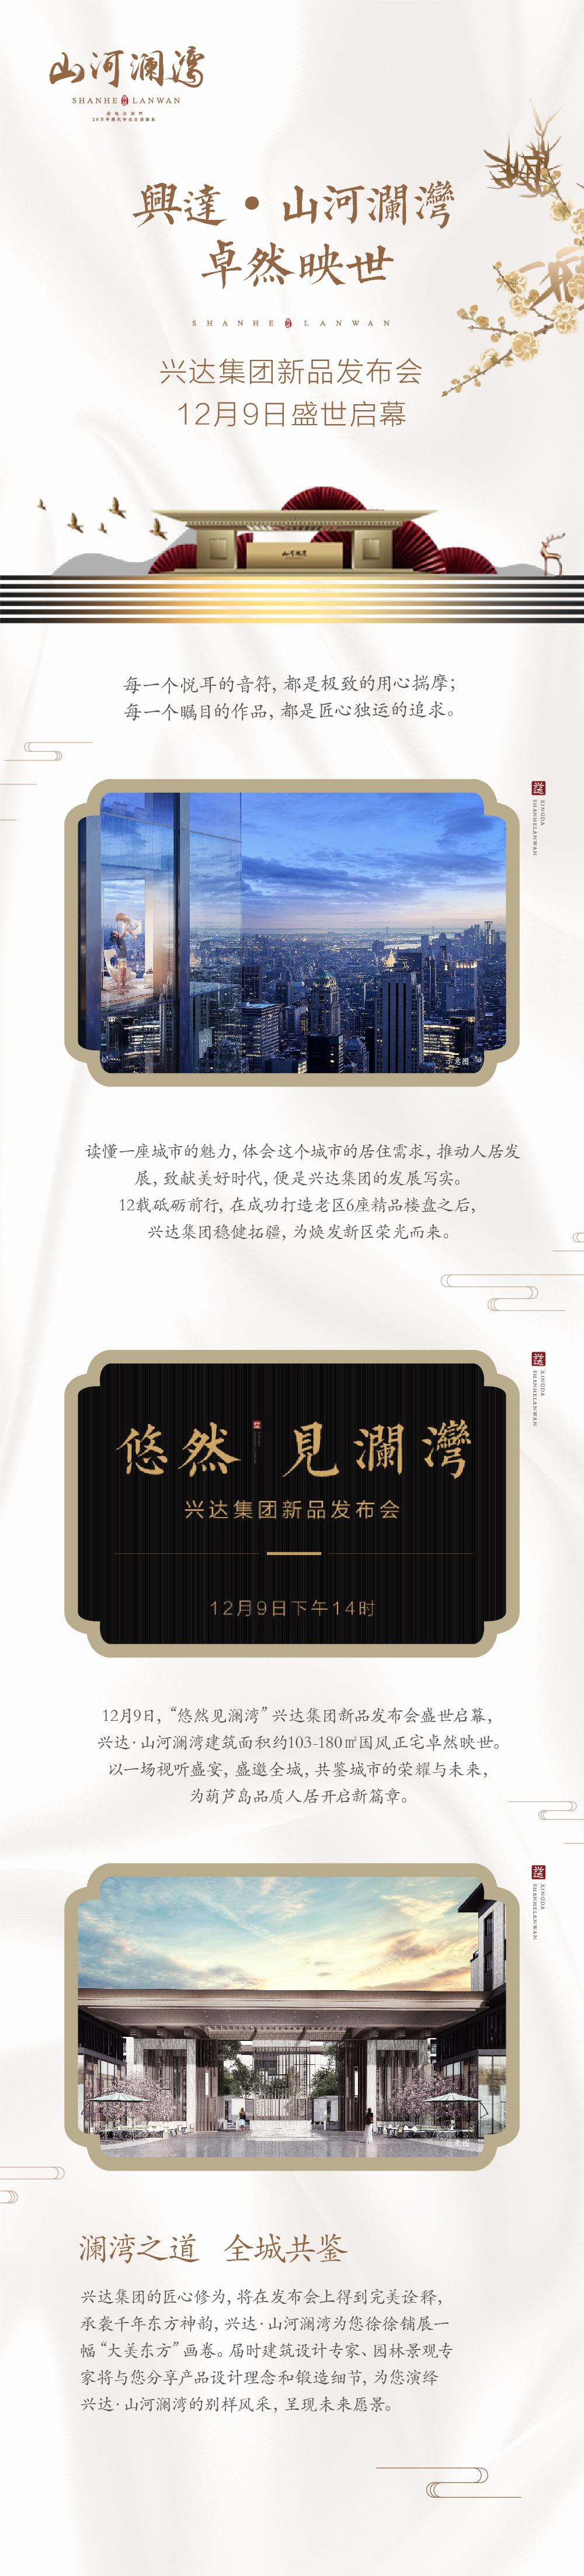 兴达集团新品发布会 12月9日盛大启幕